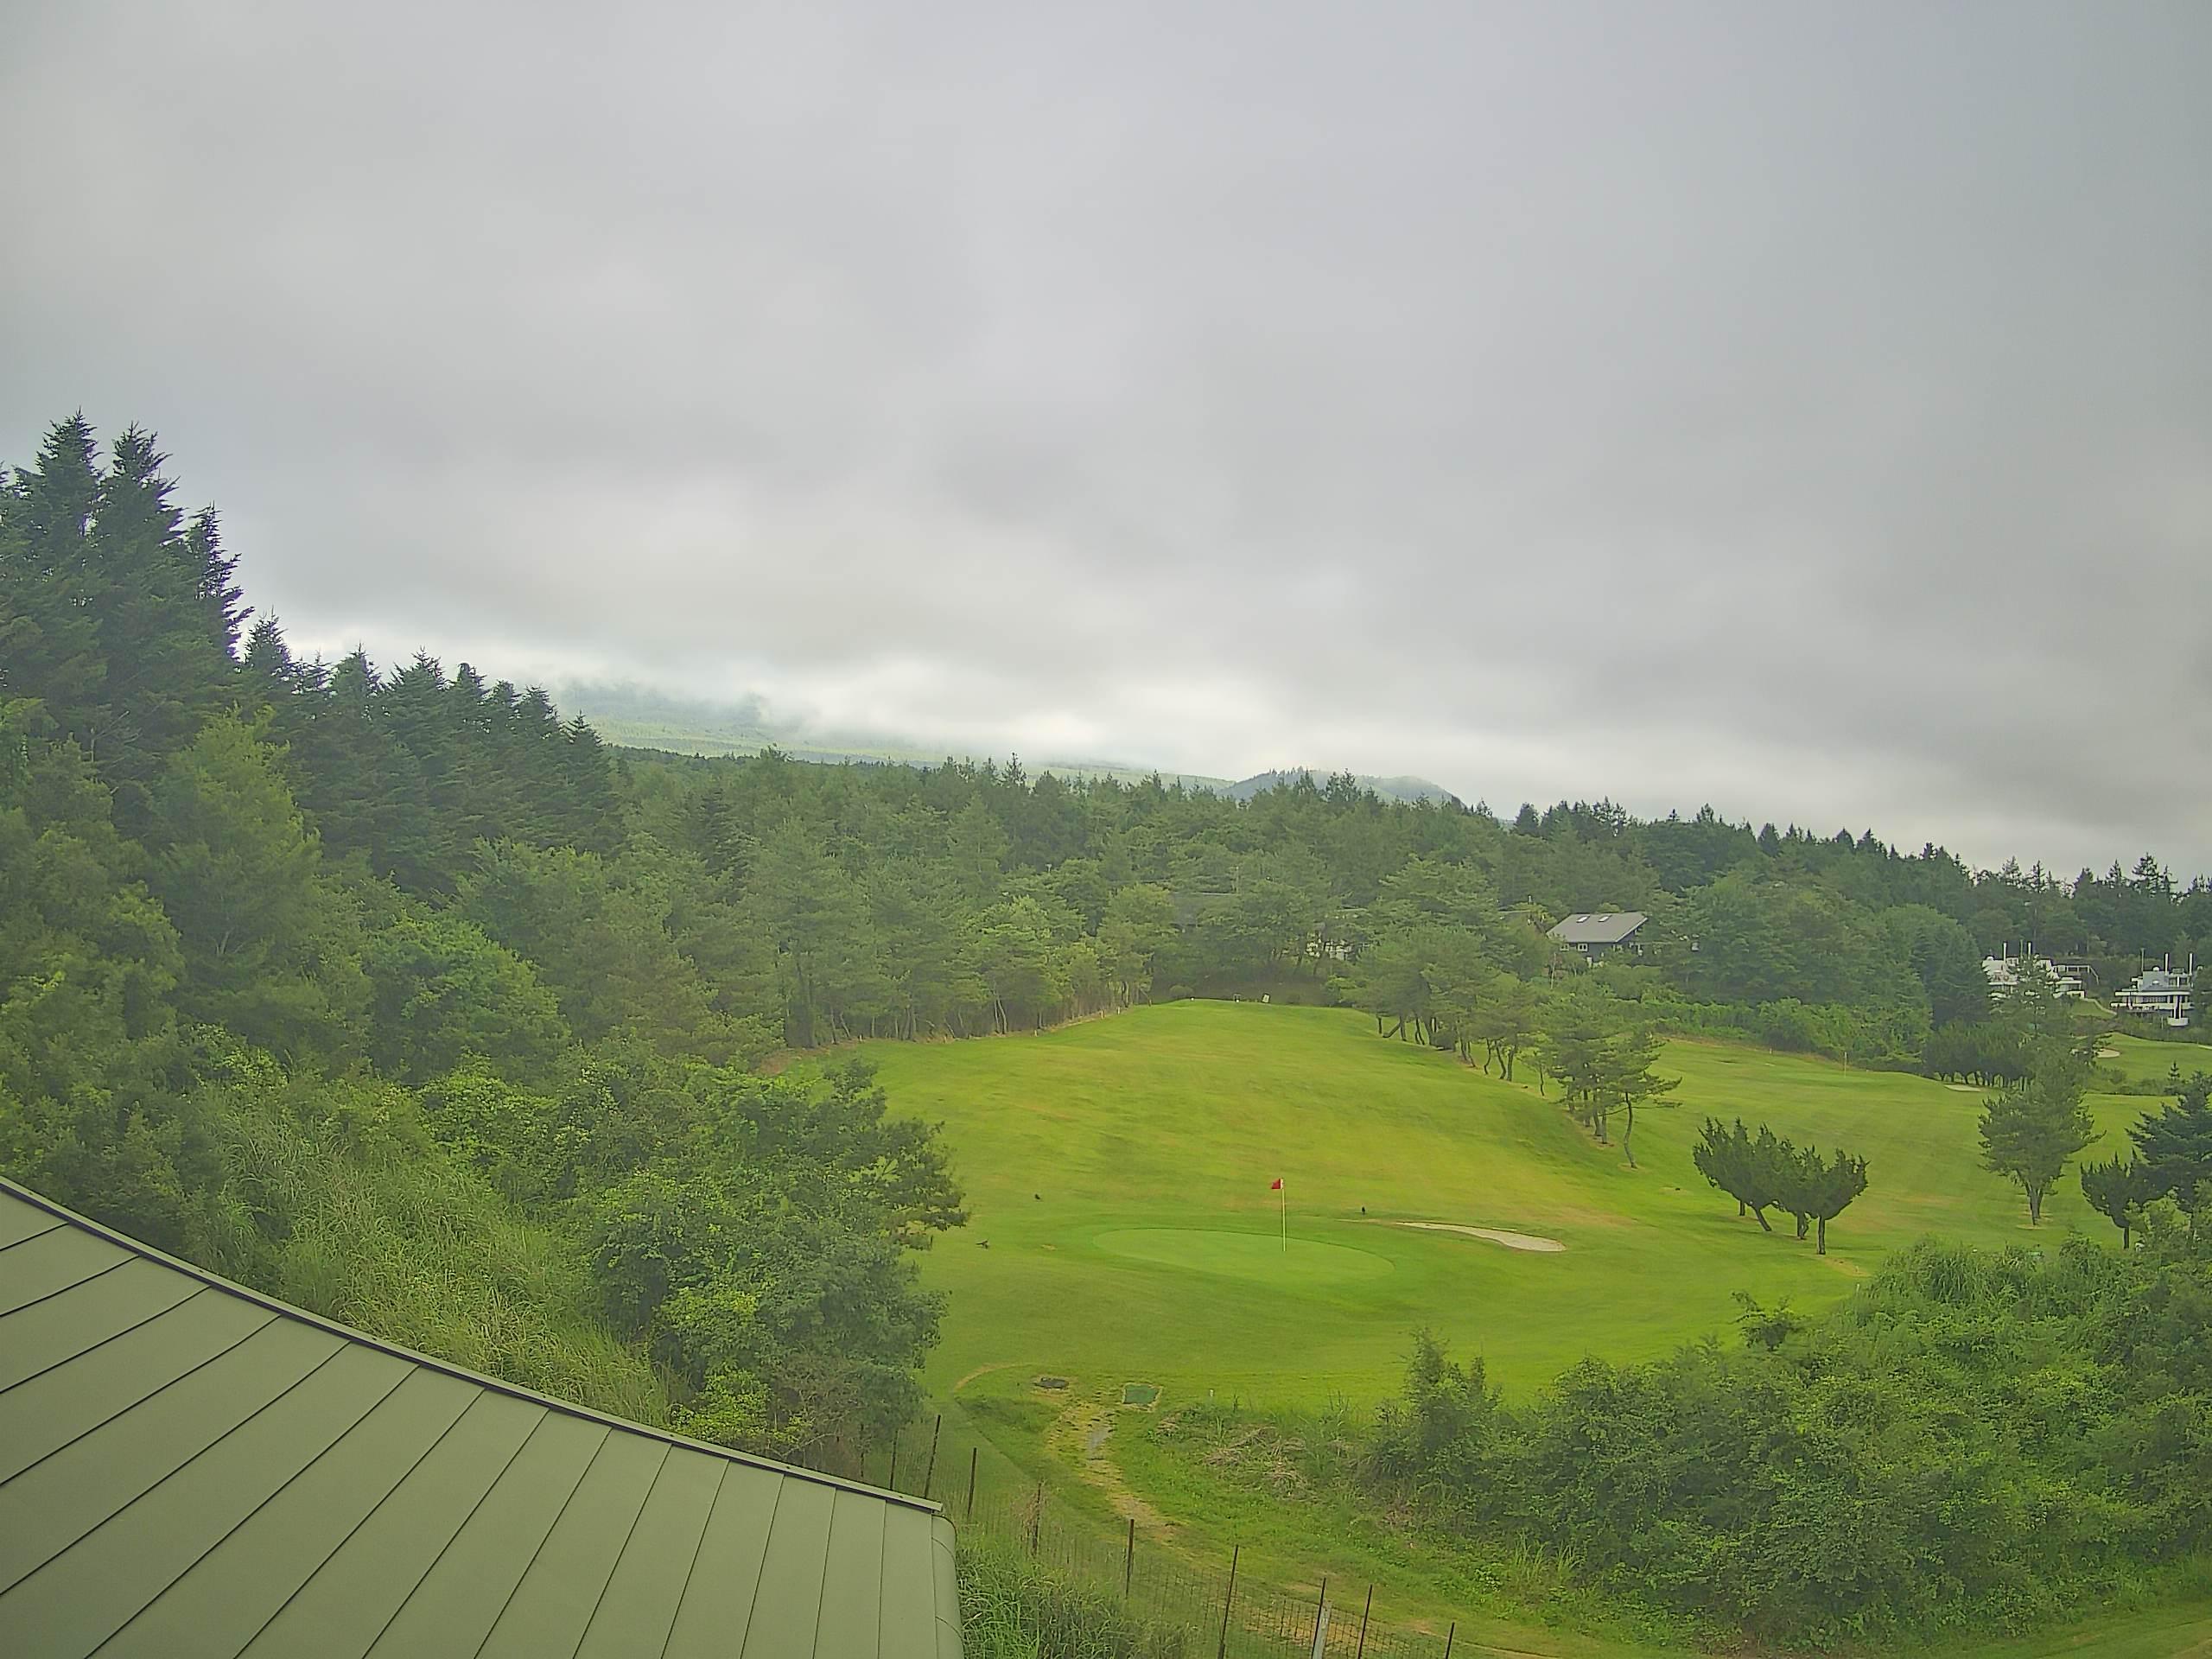 富士山ライブカメラ-富士ヶ嶺ゴルフクラブ